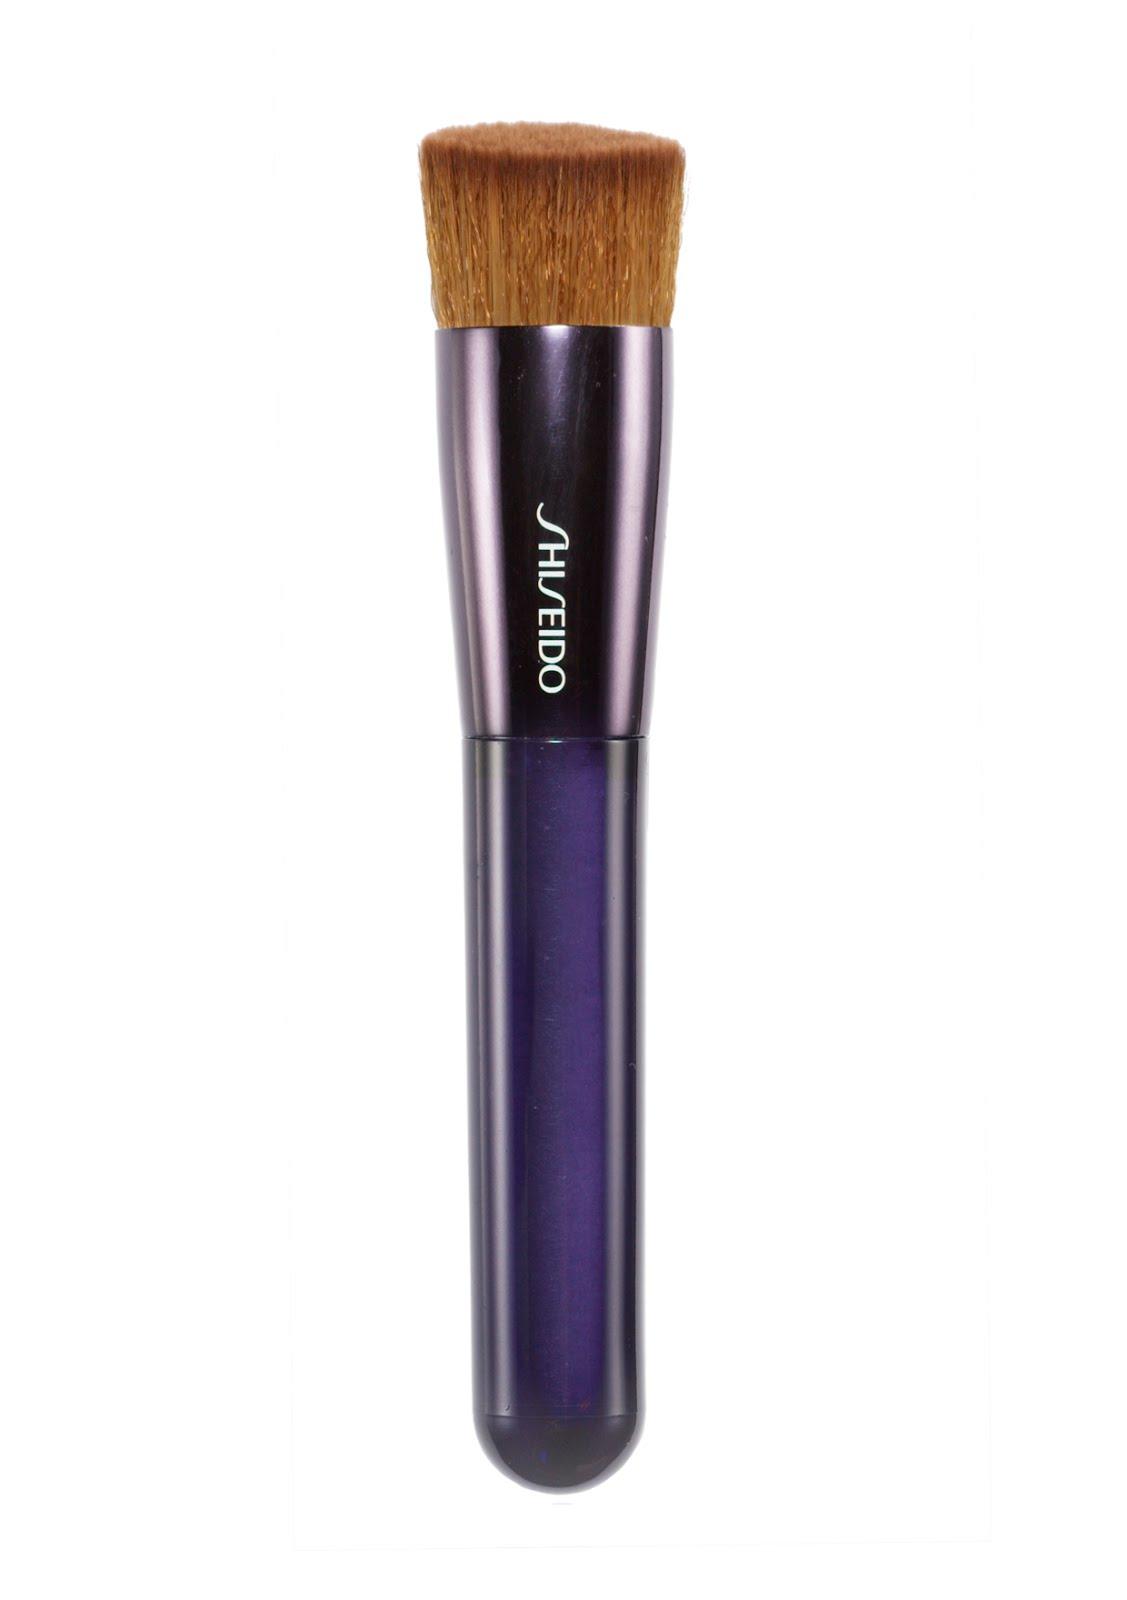 Maquillaje con Brocha y Shiseido: Trucos de Belleza